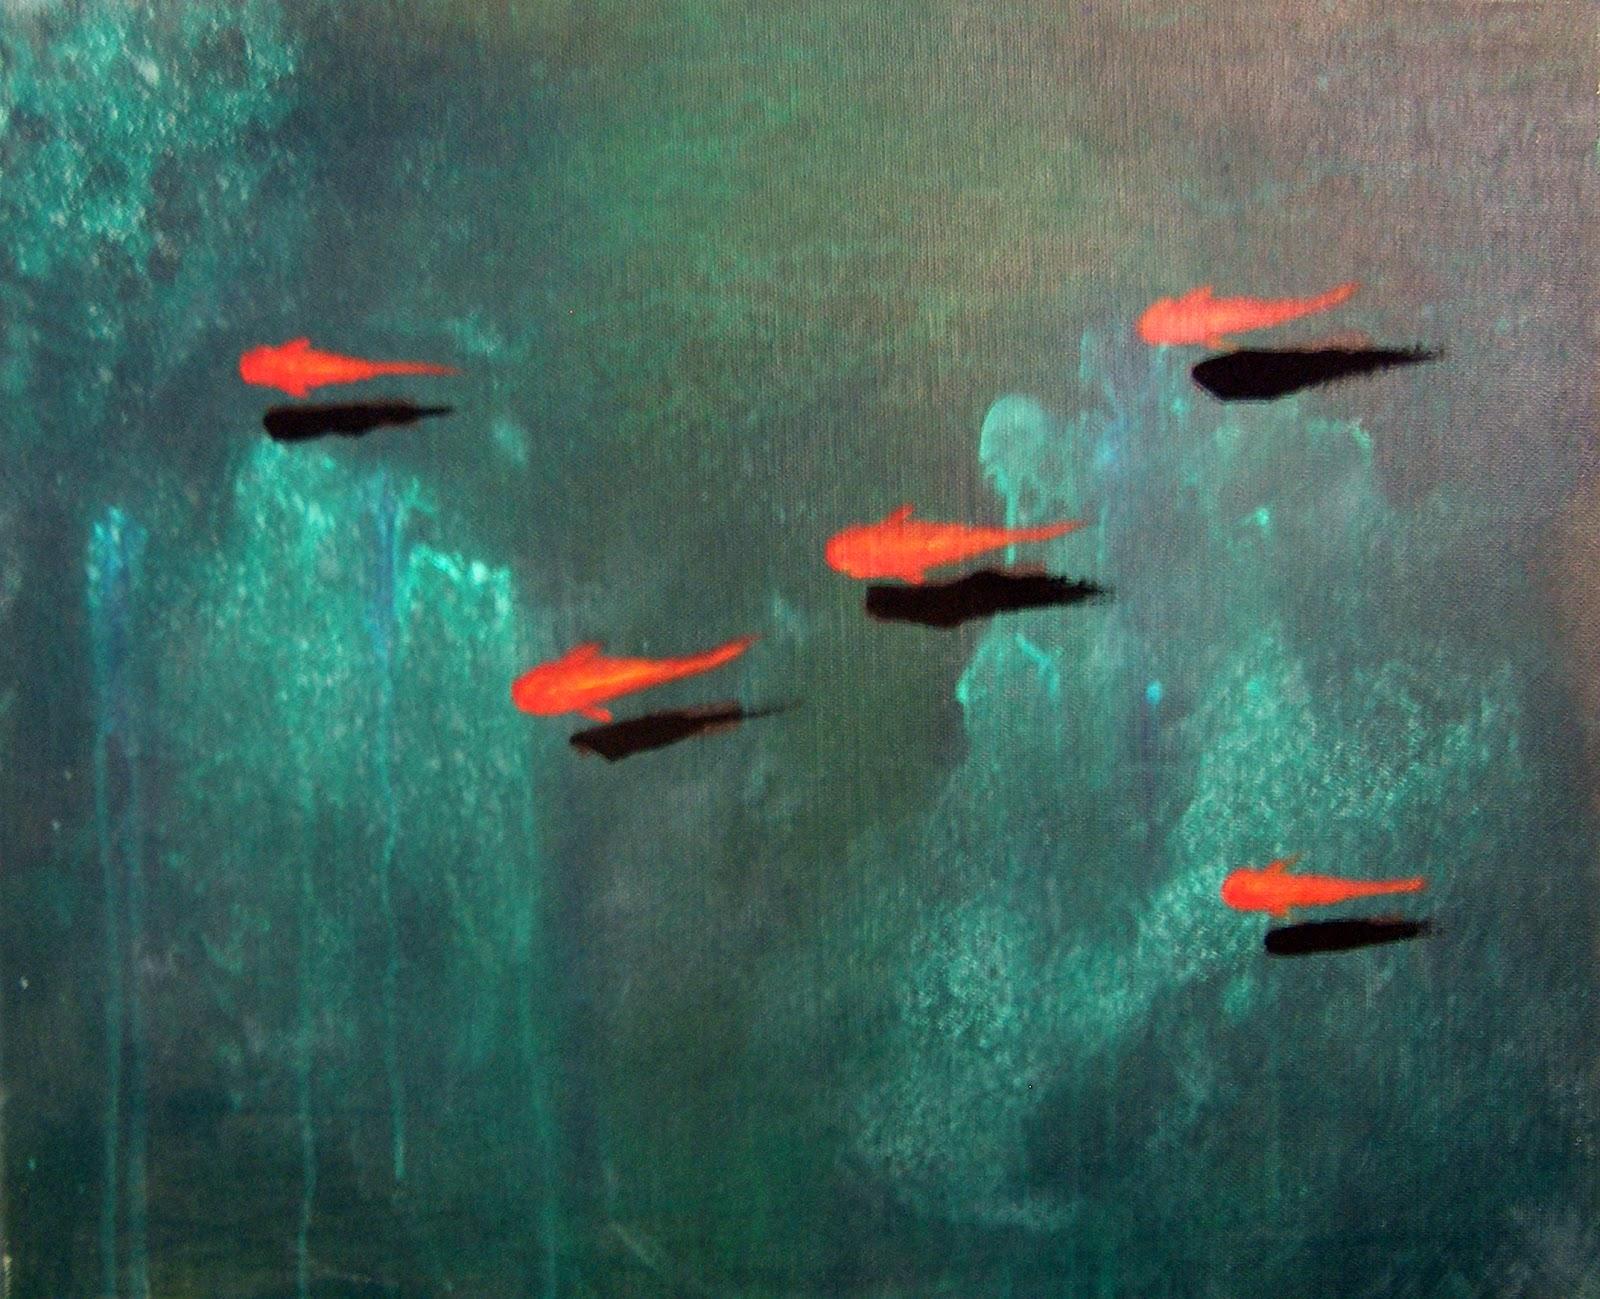 De galer as con amaury 02 12 2012 for Pintura para estanques